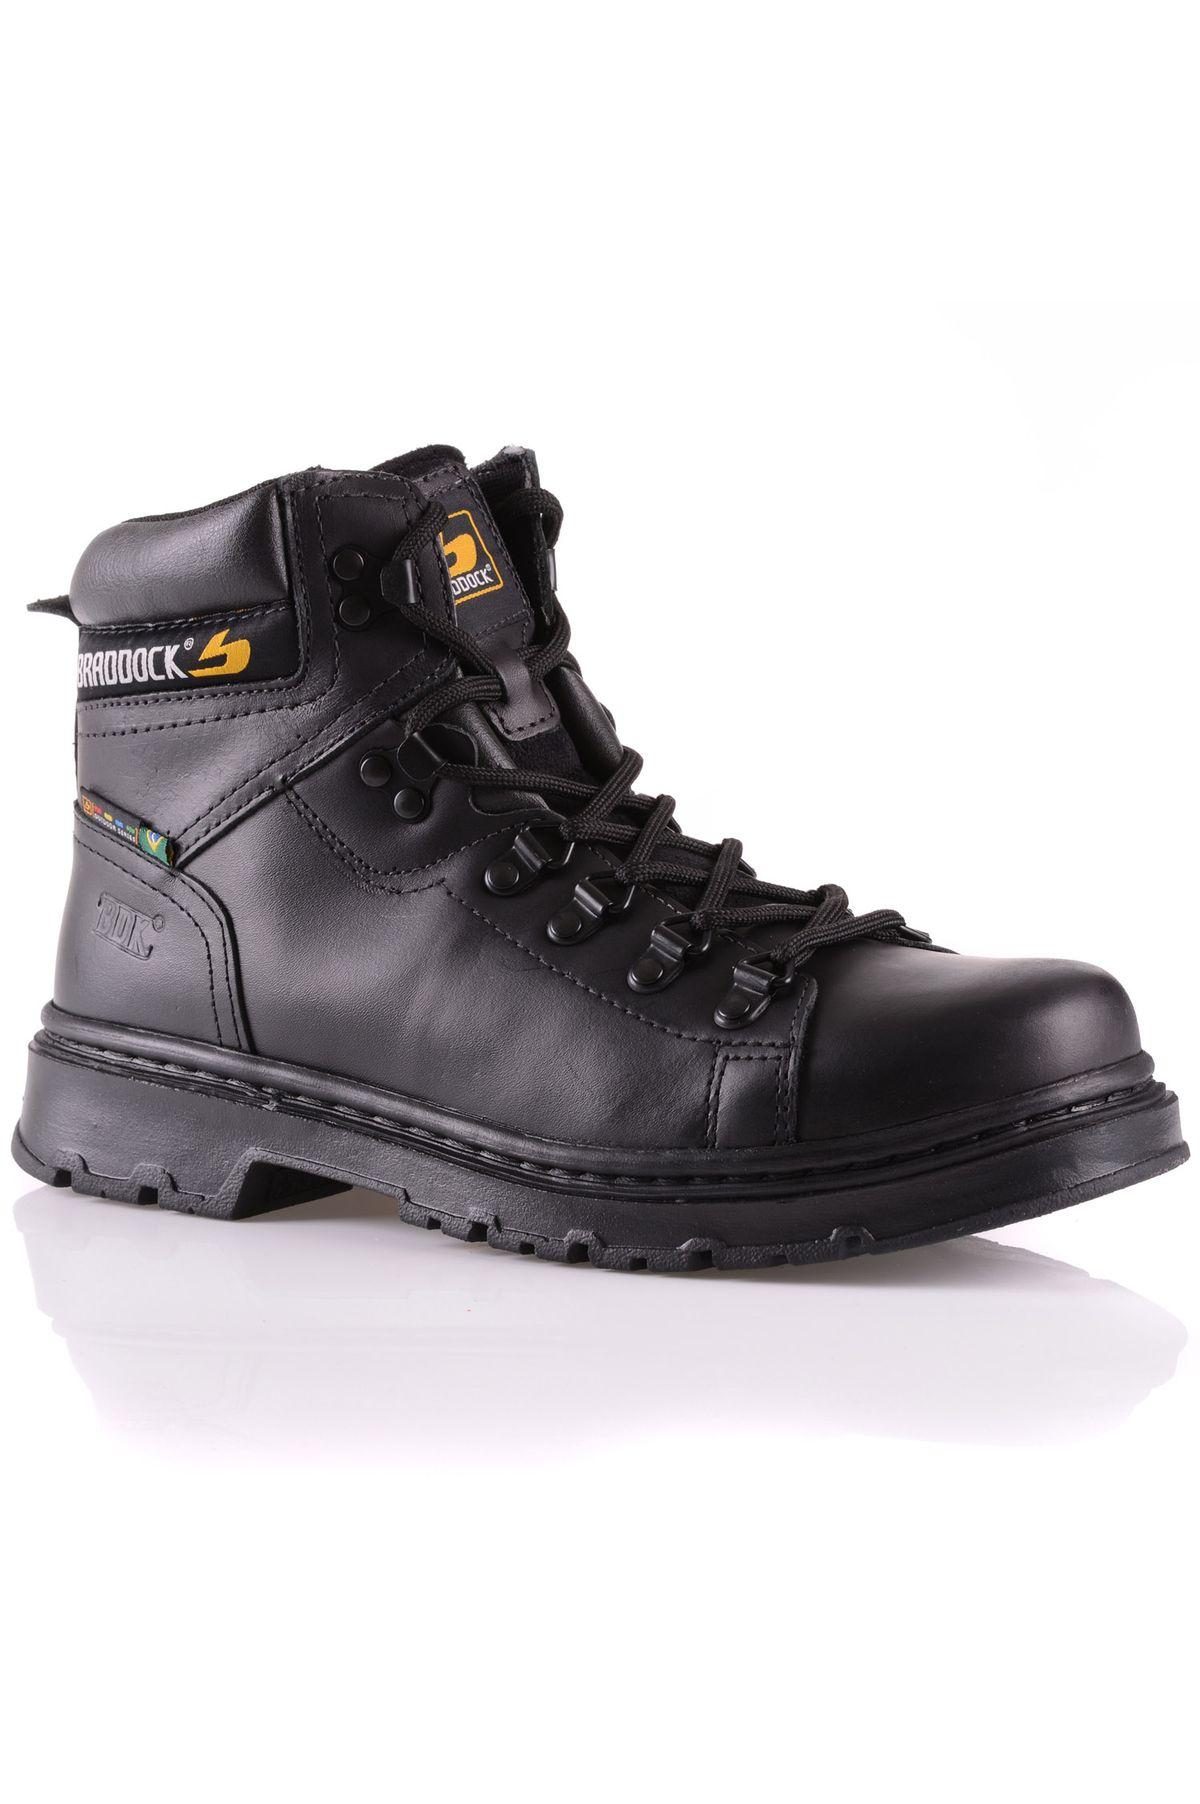 75a638d154 Bota Adventure Braddock Work Boot